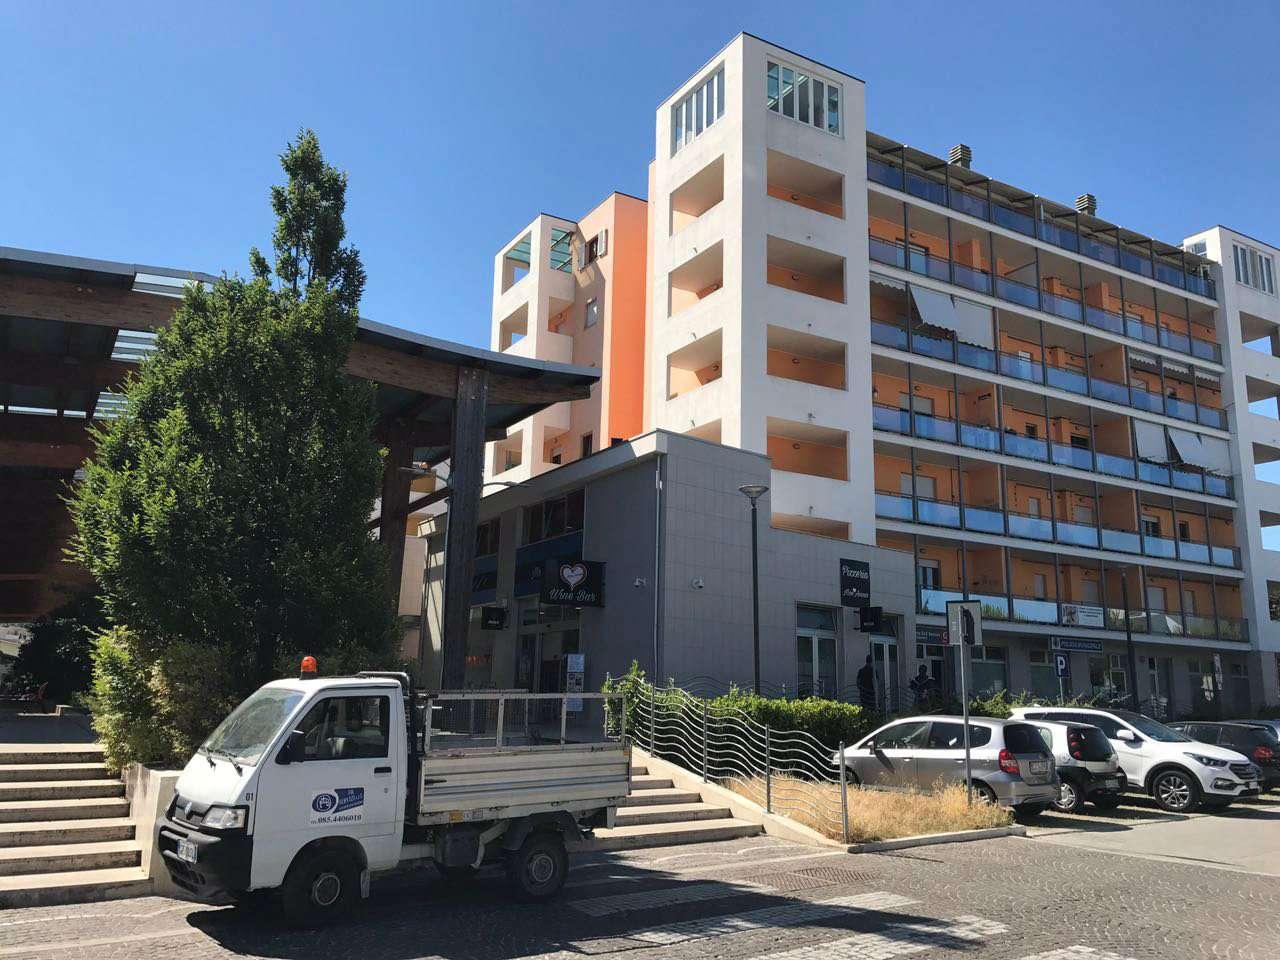 Attico / Mansarda in affitto a San Giovanni Teatino, 4 locali, prezzo € 1.000 | Cambio Casa.it